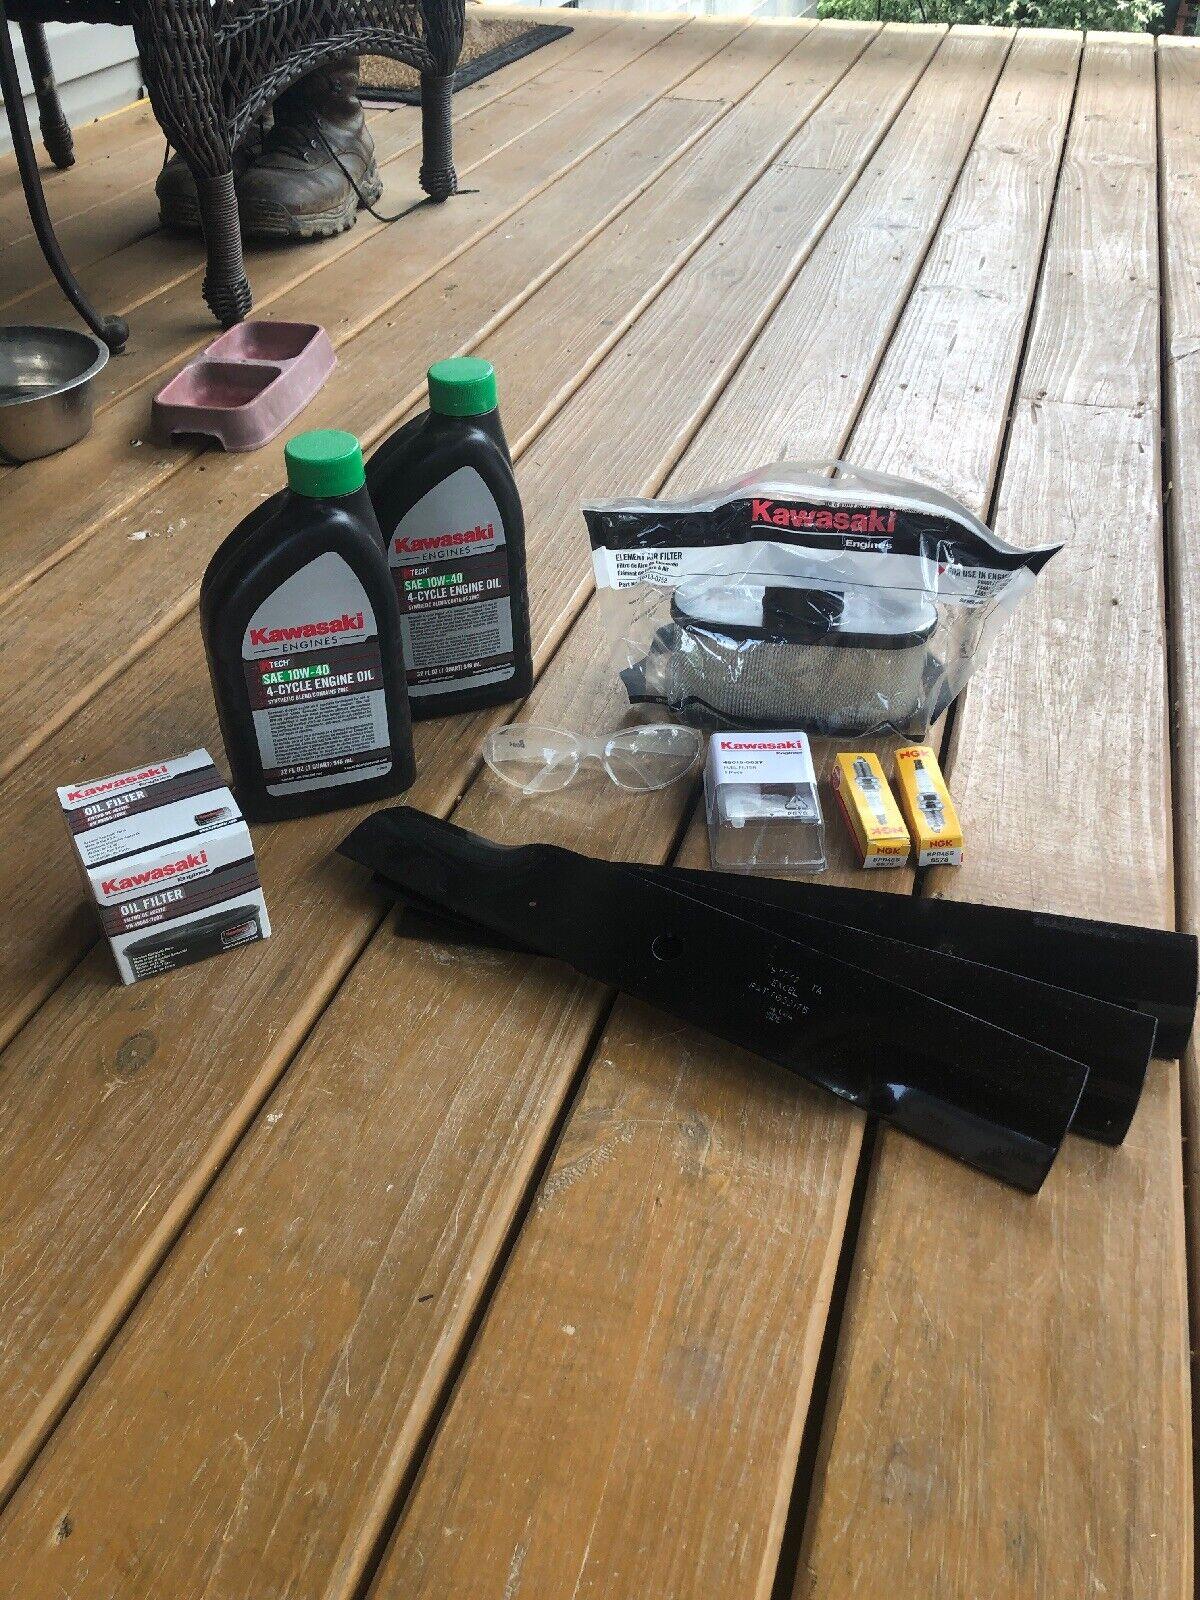 Kit de ajuste Up Hustler Fasttrack